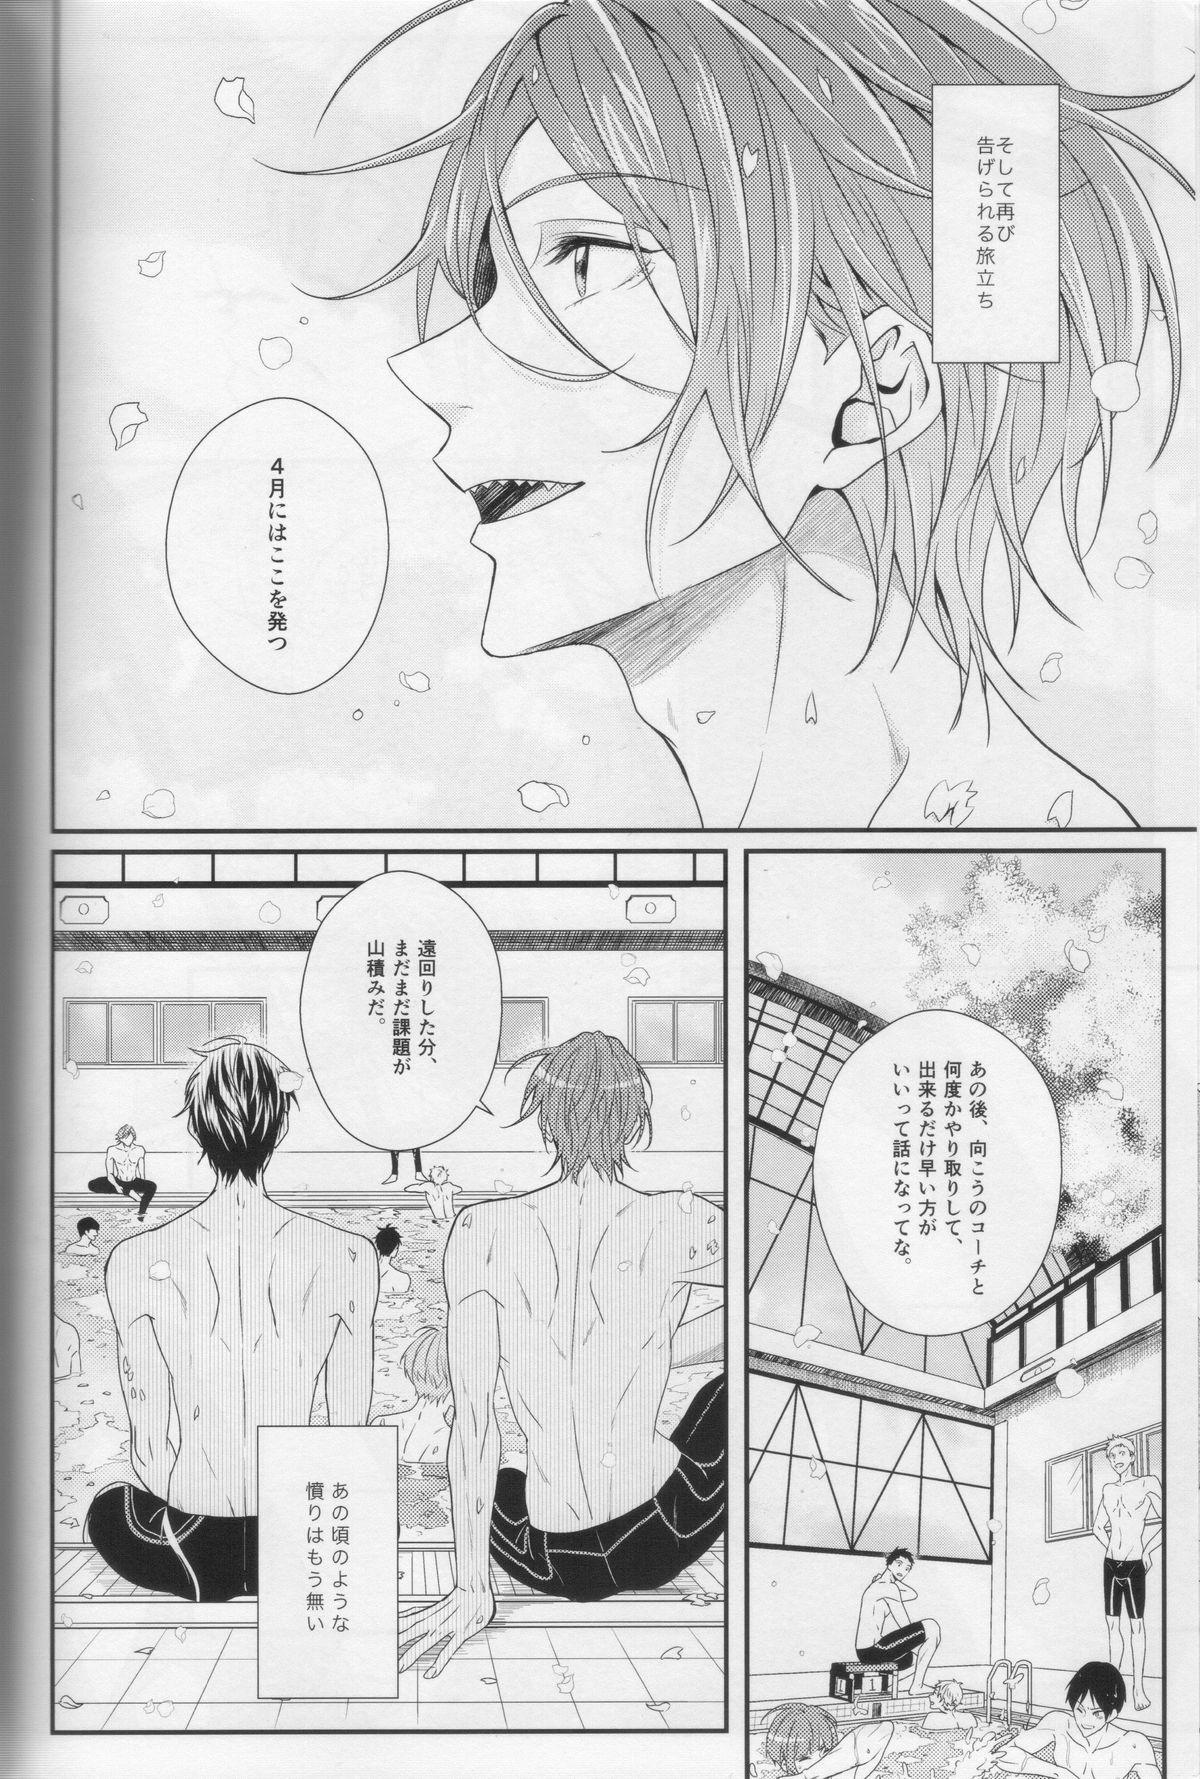 Minasoko no Blue Fish 7